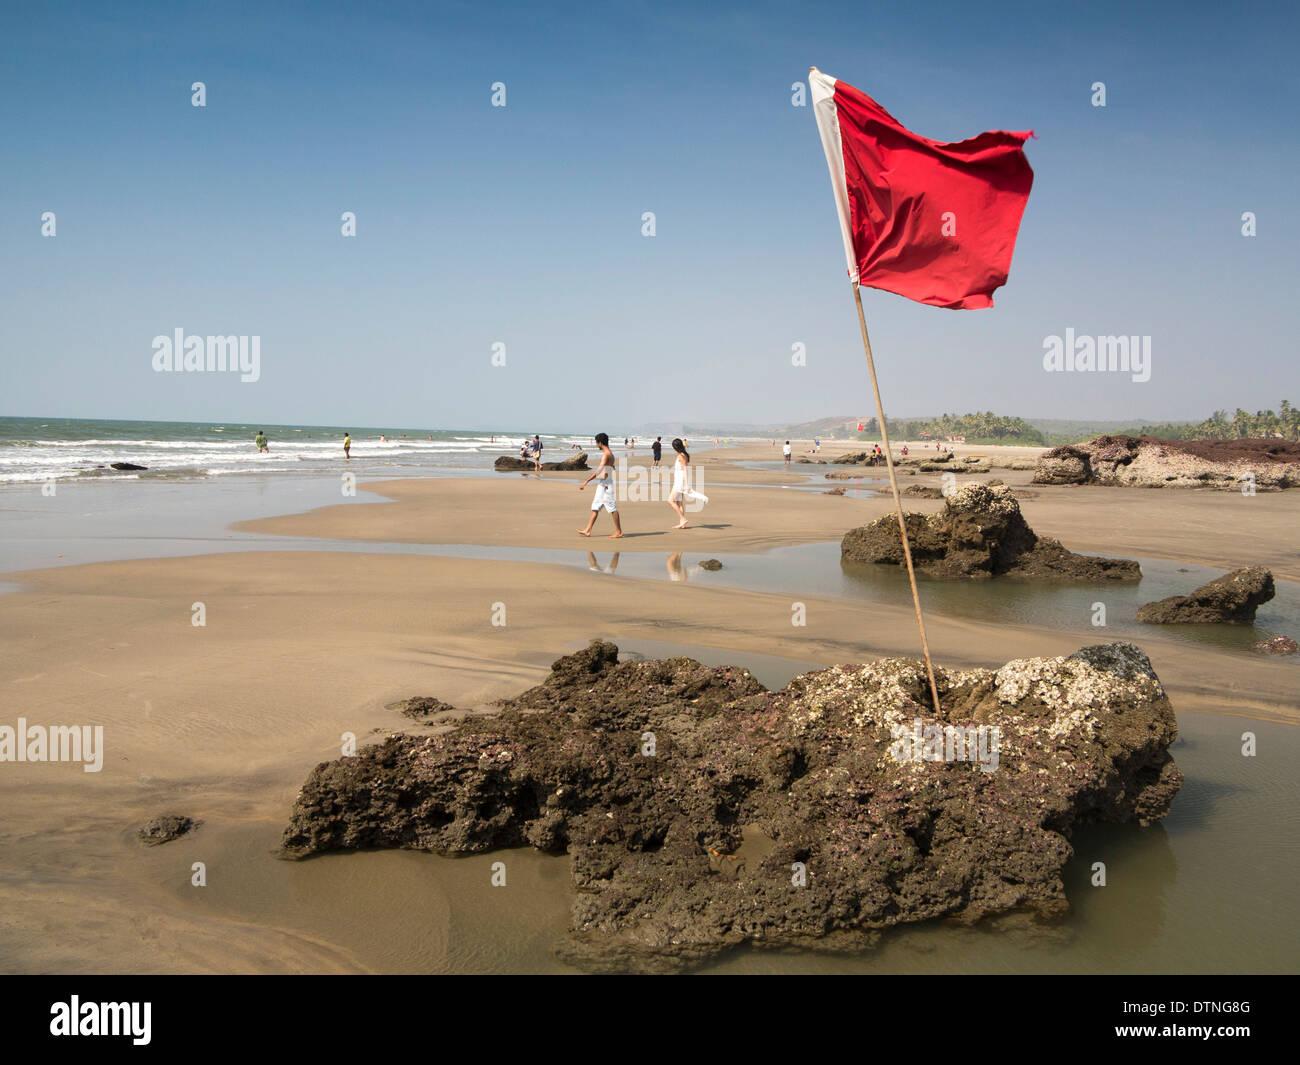 N9159 India, Goa, Ashvem beach, red warning flag indicating unsafe bathing zone - Stock Image